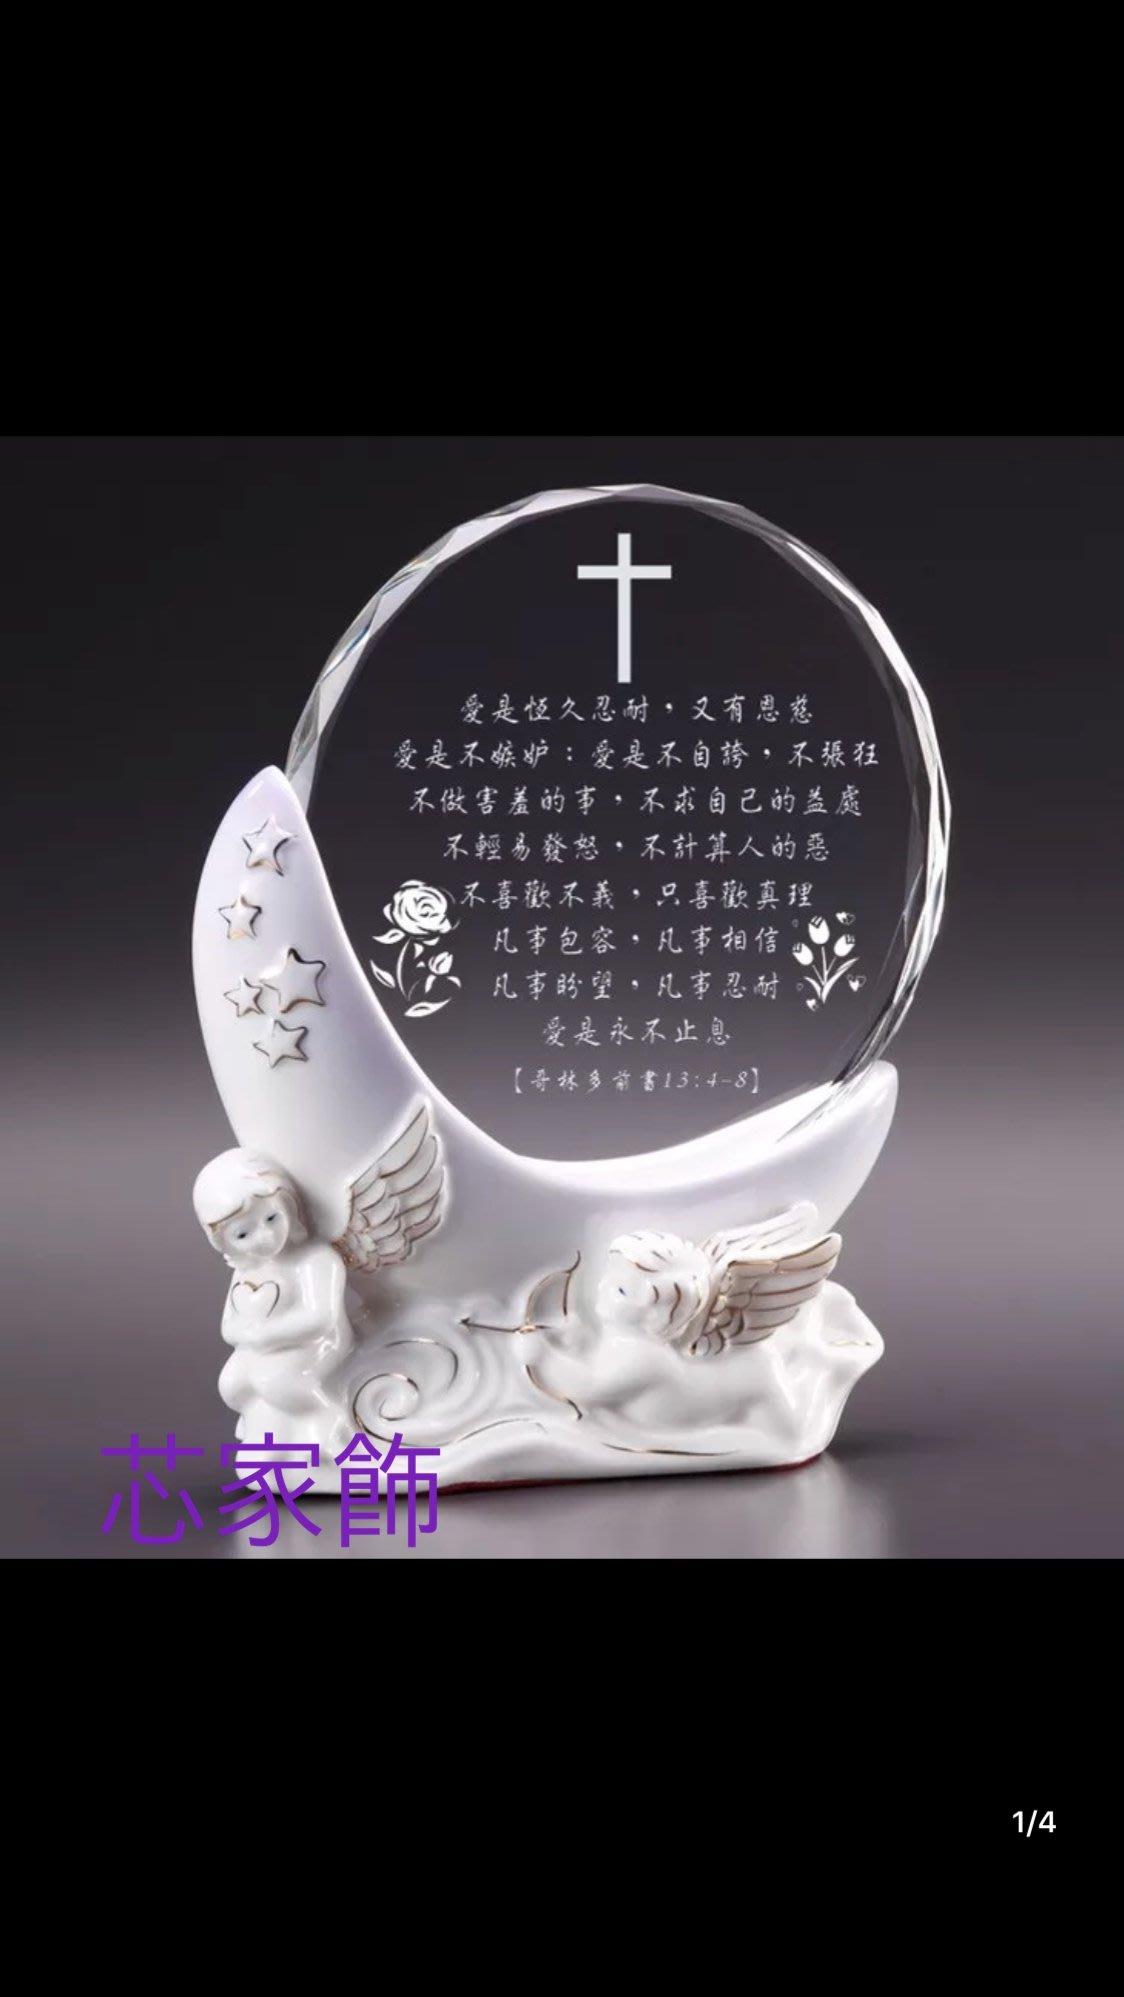 芯家飾基督教禮品專區~阿法瓷水晶十字架天使愛得真諦經文福音受洗禮物生日禮物福音禮品